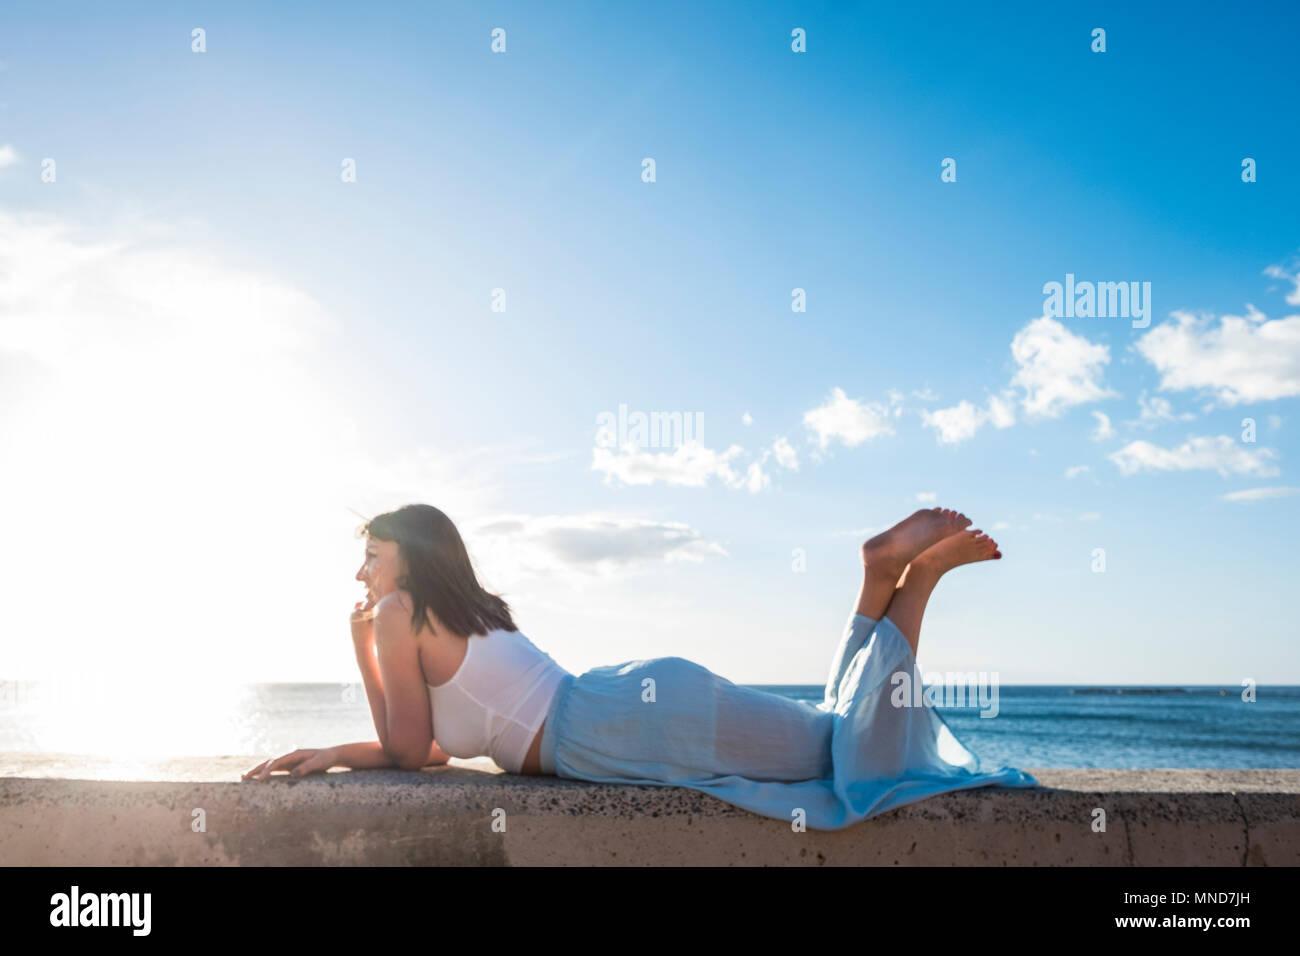 Cabello largo joven español erlaxing acostarse sobre una pared cerca de la playa. La luz del sol en su belleza cara, sonreír y disfrutar del momento. Imagen De Stock